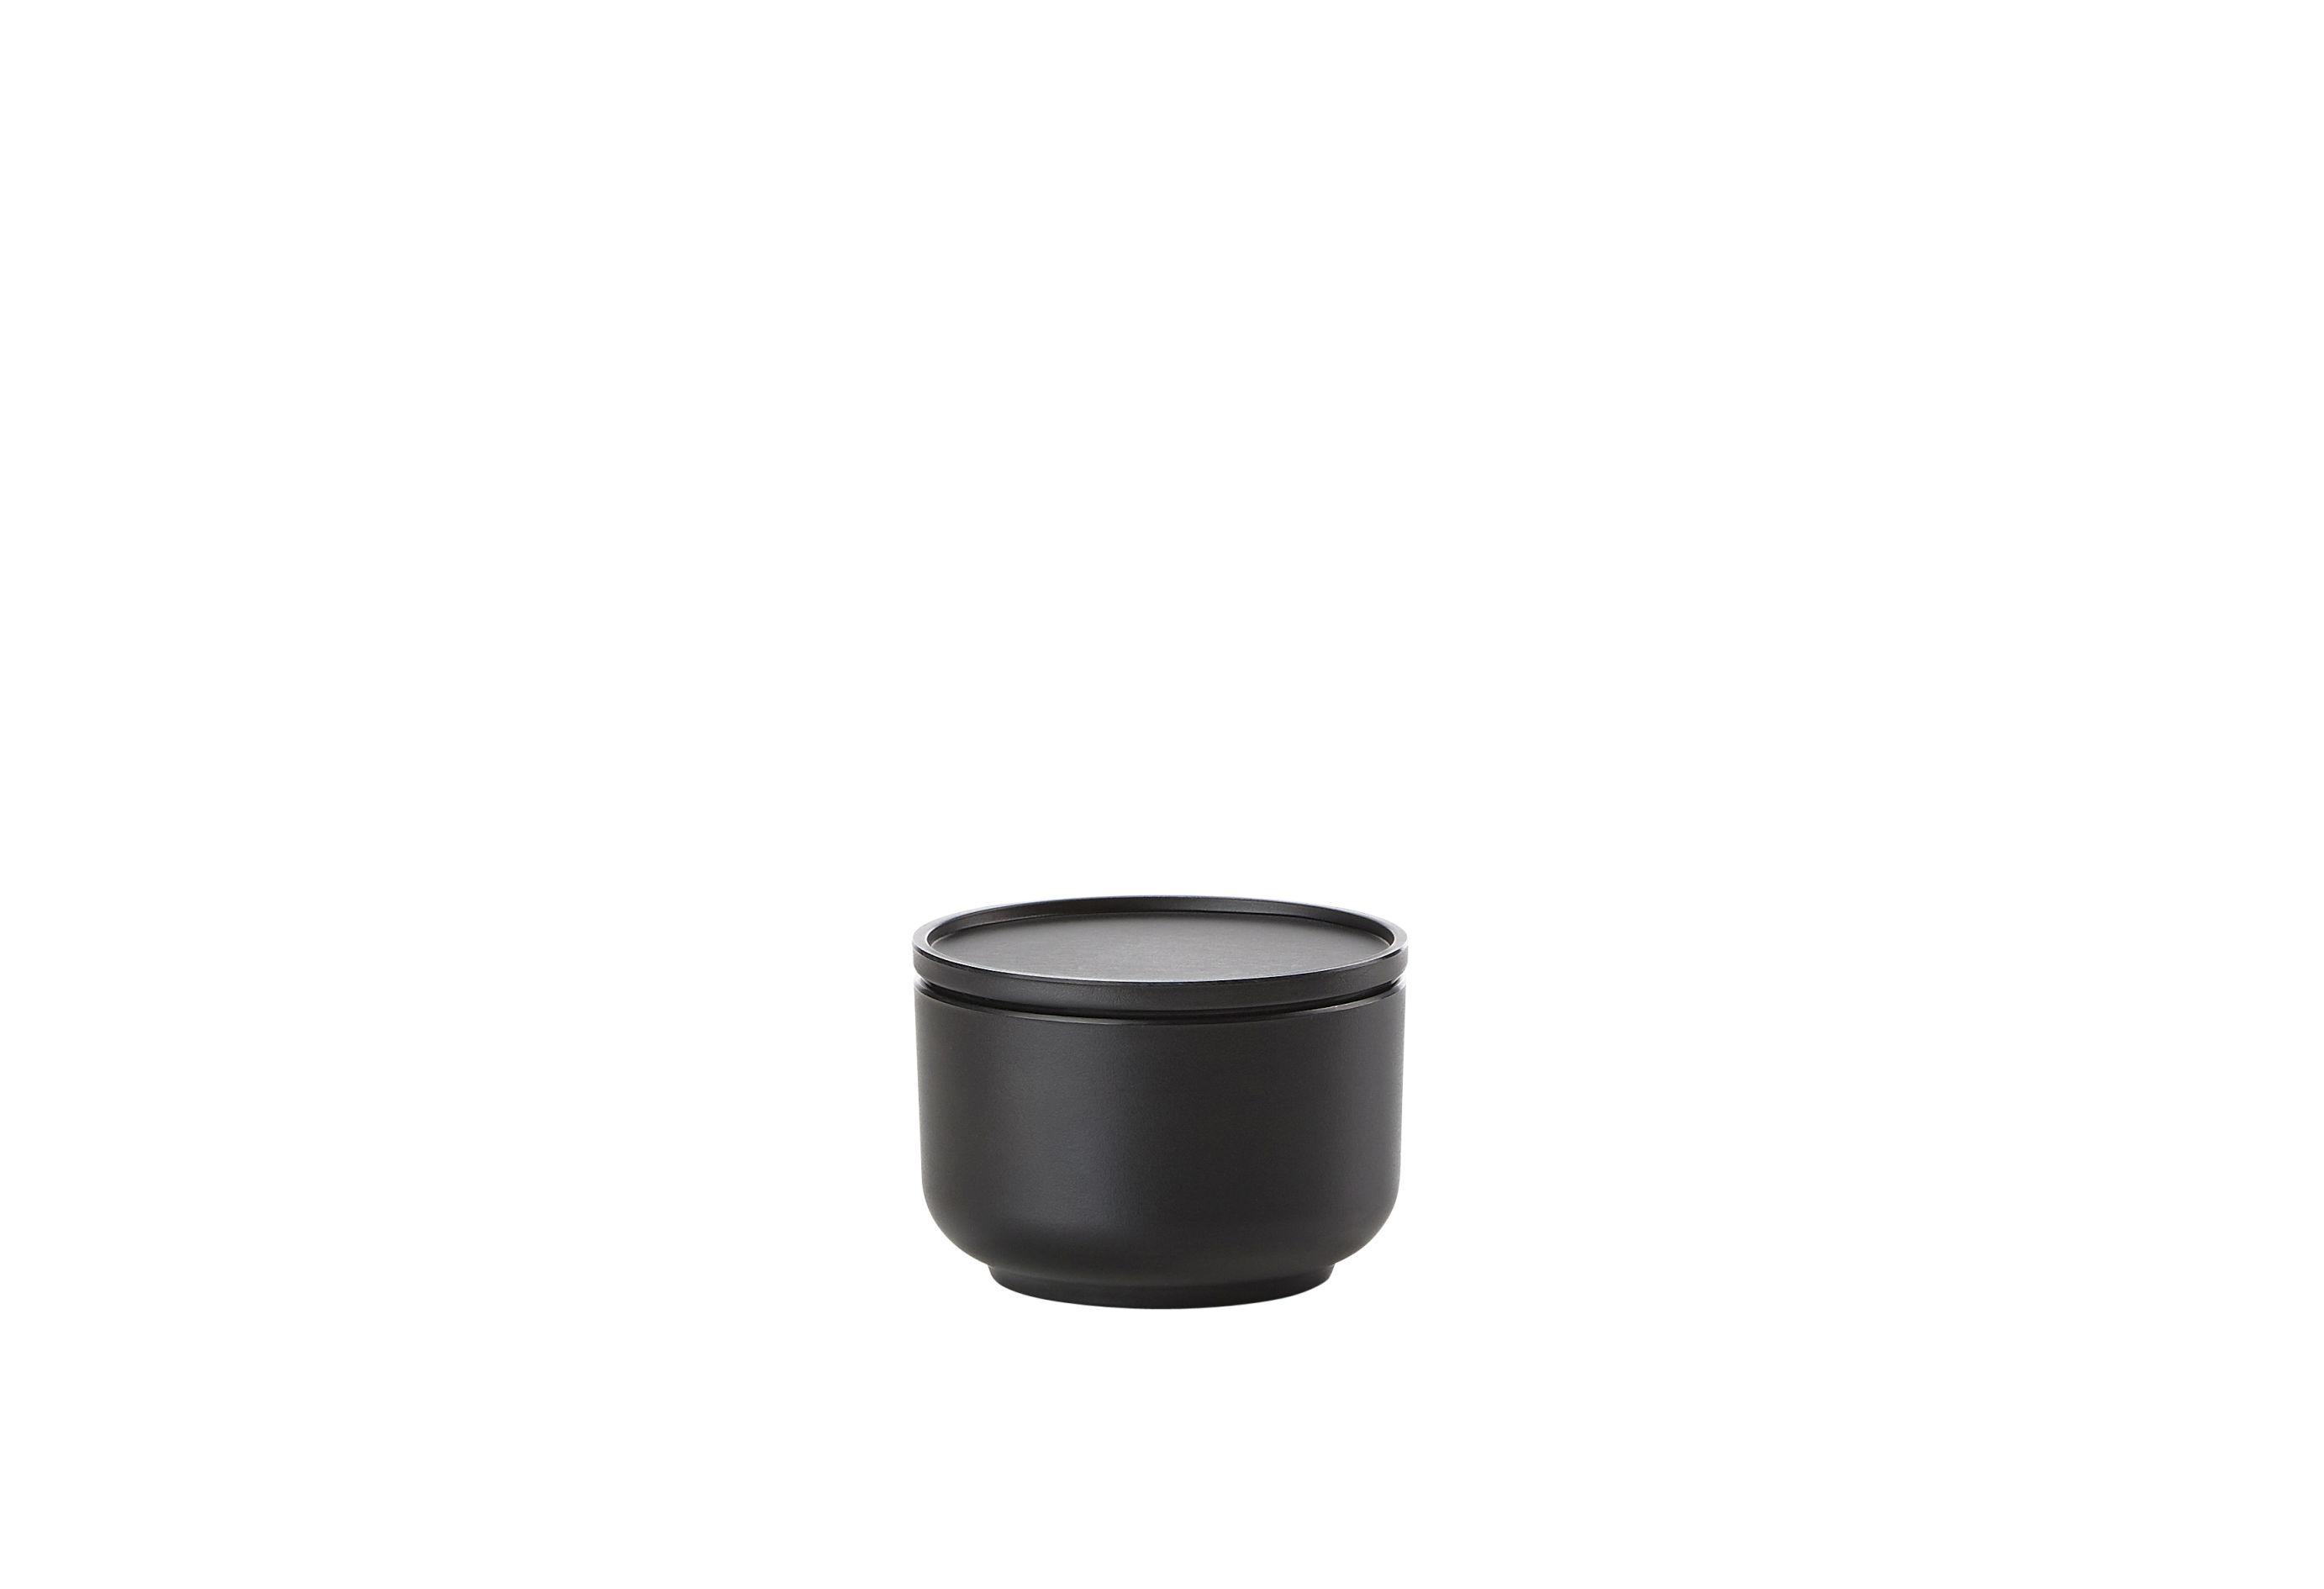 Servírovací mísa PEILI s víkem, černá ? 9 cm - Zone